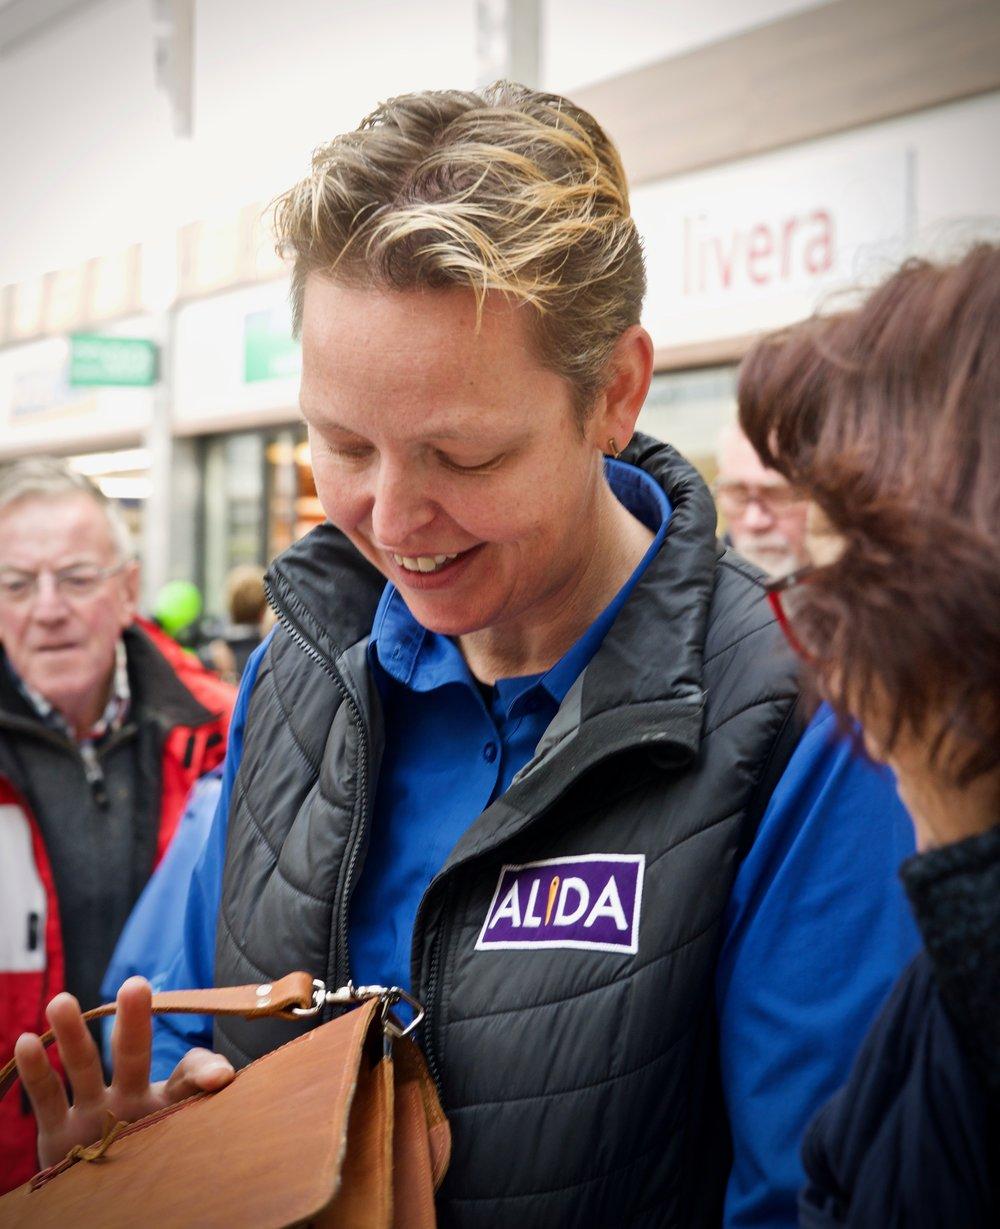 ALiDA Stoffeerder en Accessoires - Bedrijfsfotografie x STiP Fotografie